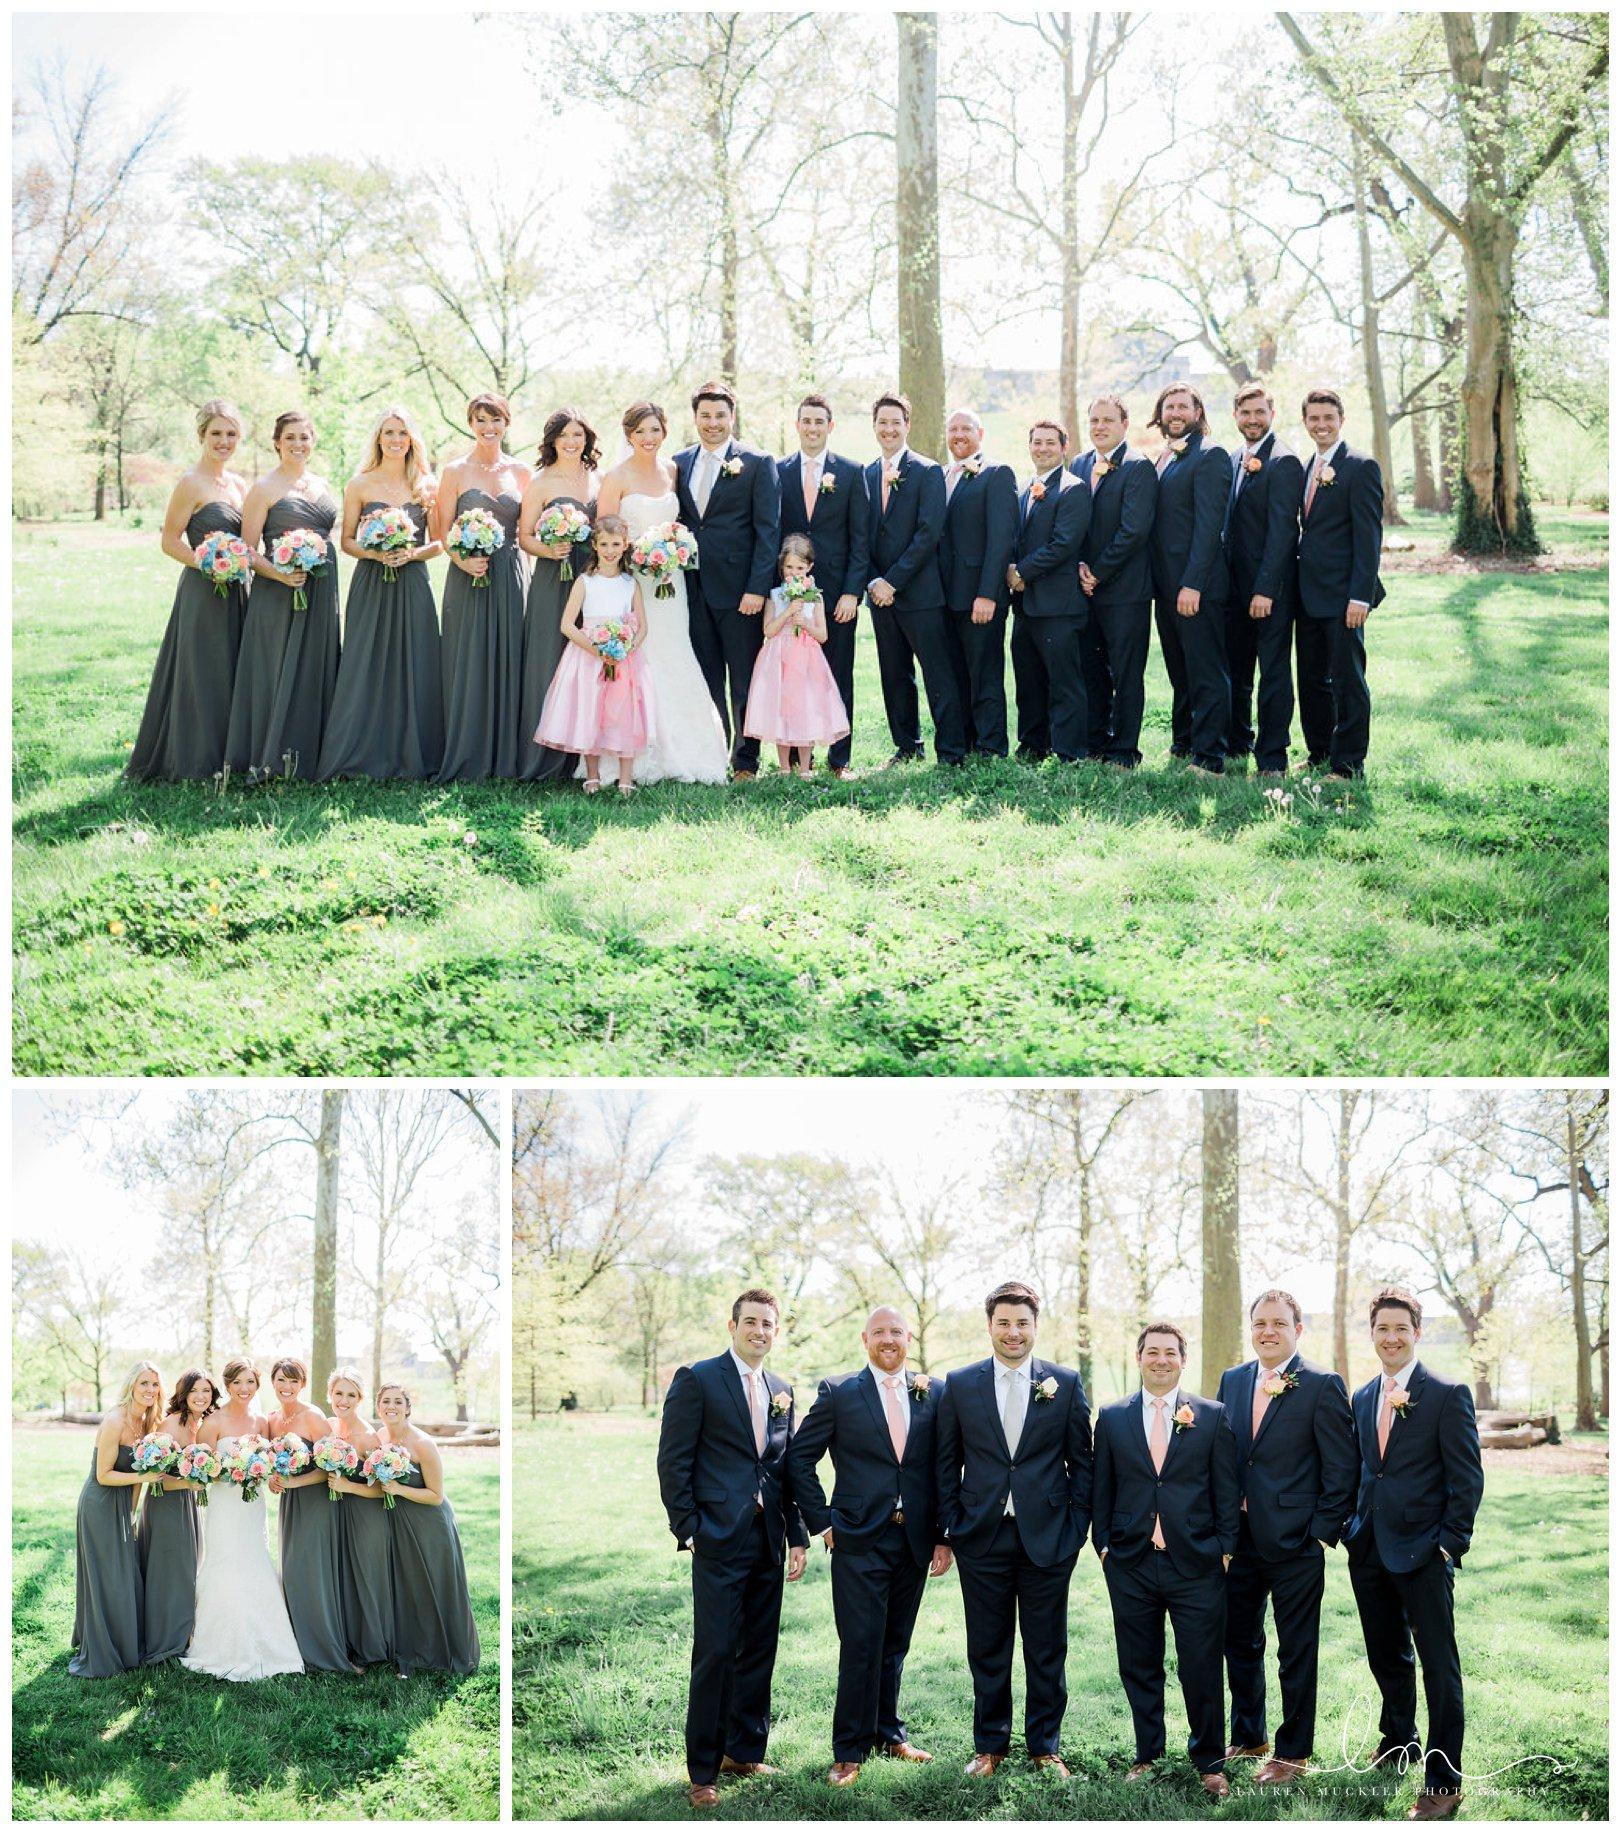 lauren muckler photography_fine art film wedding photography_st louis_photography_0014.jpg